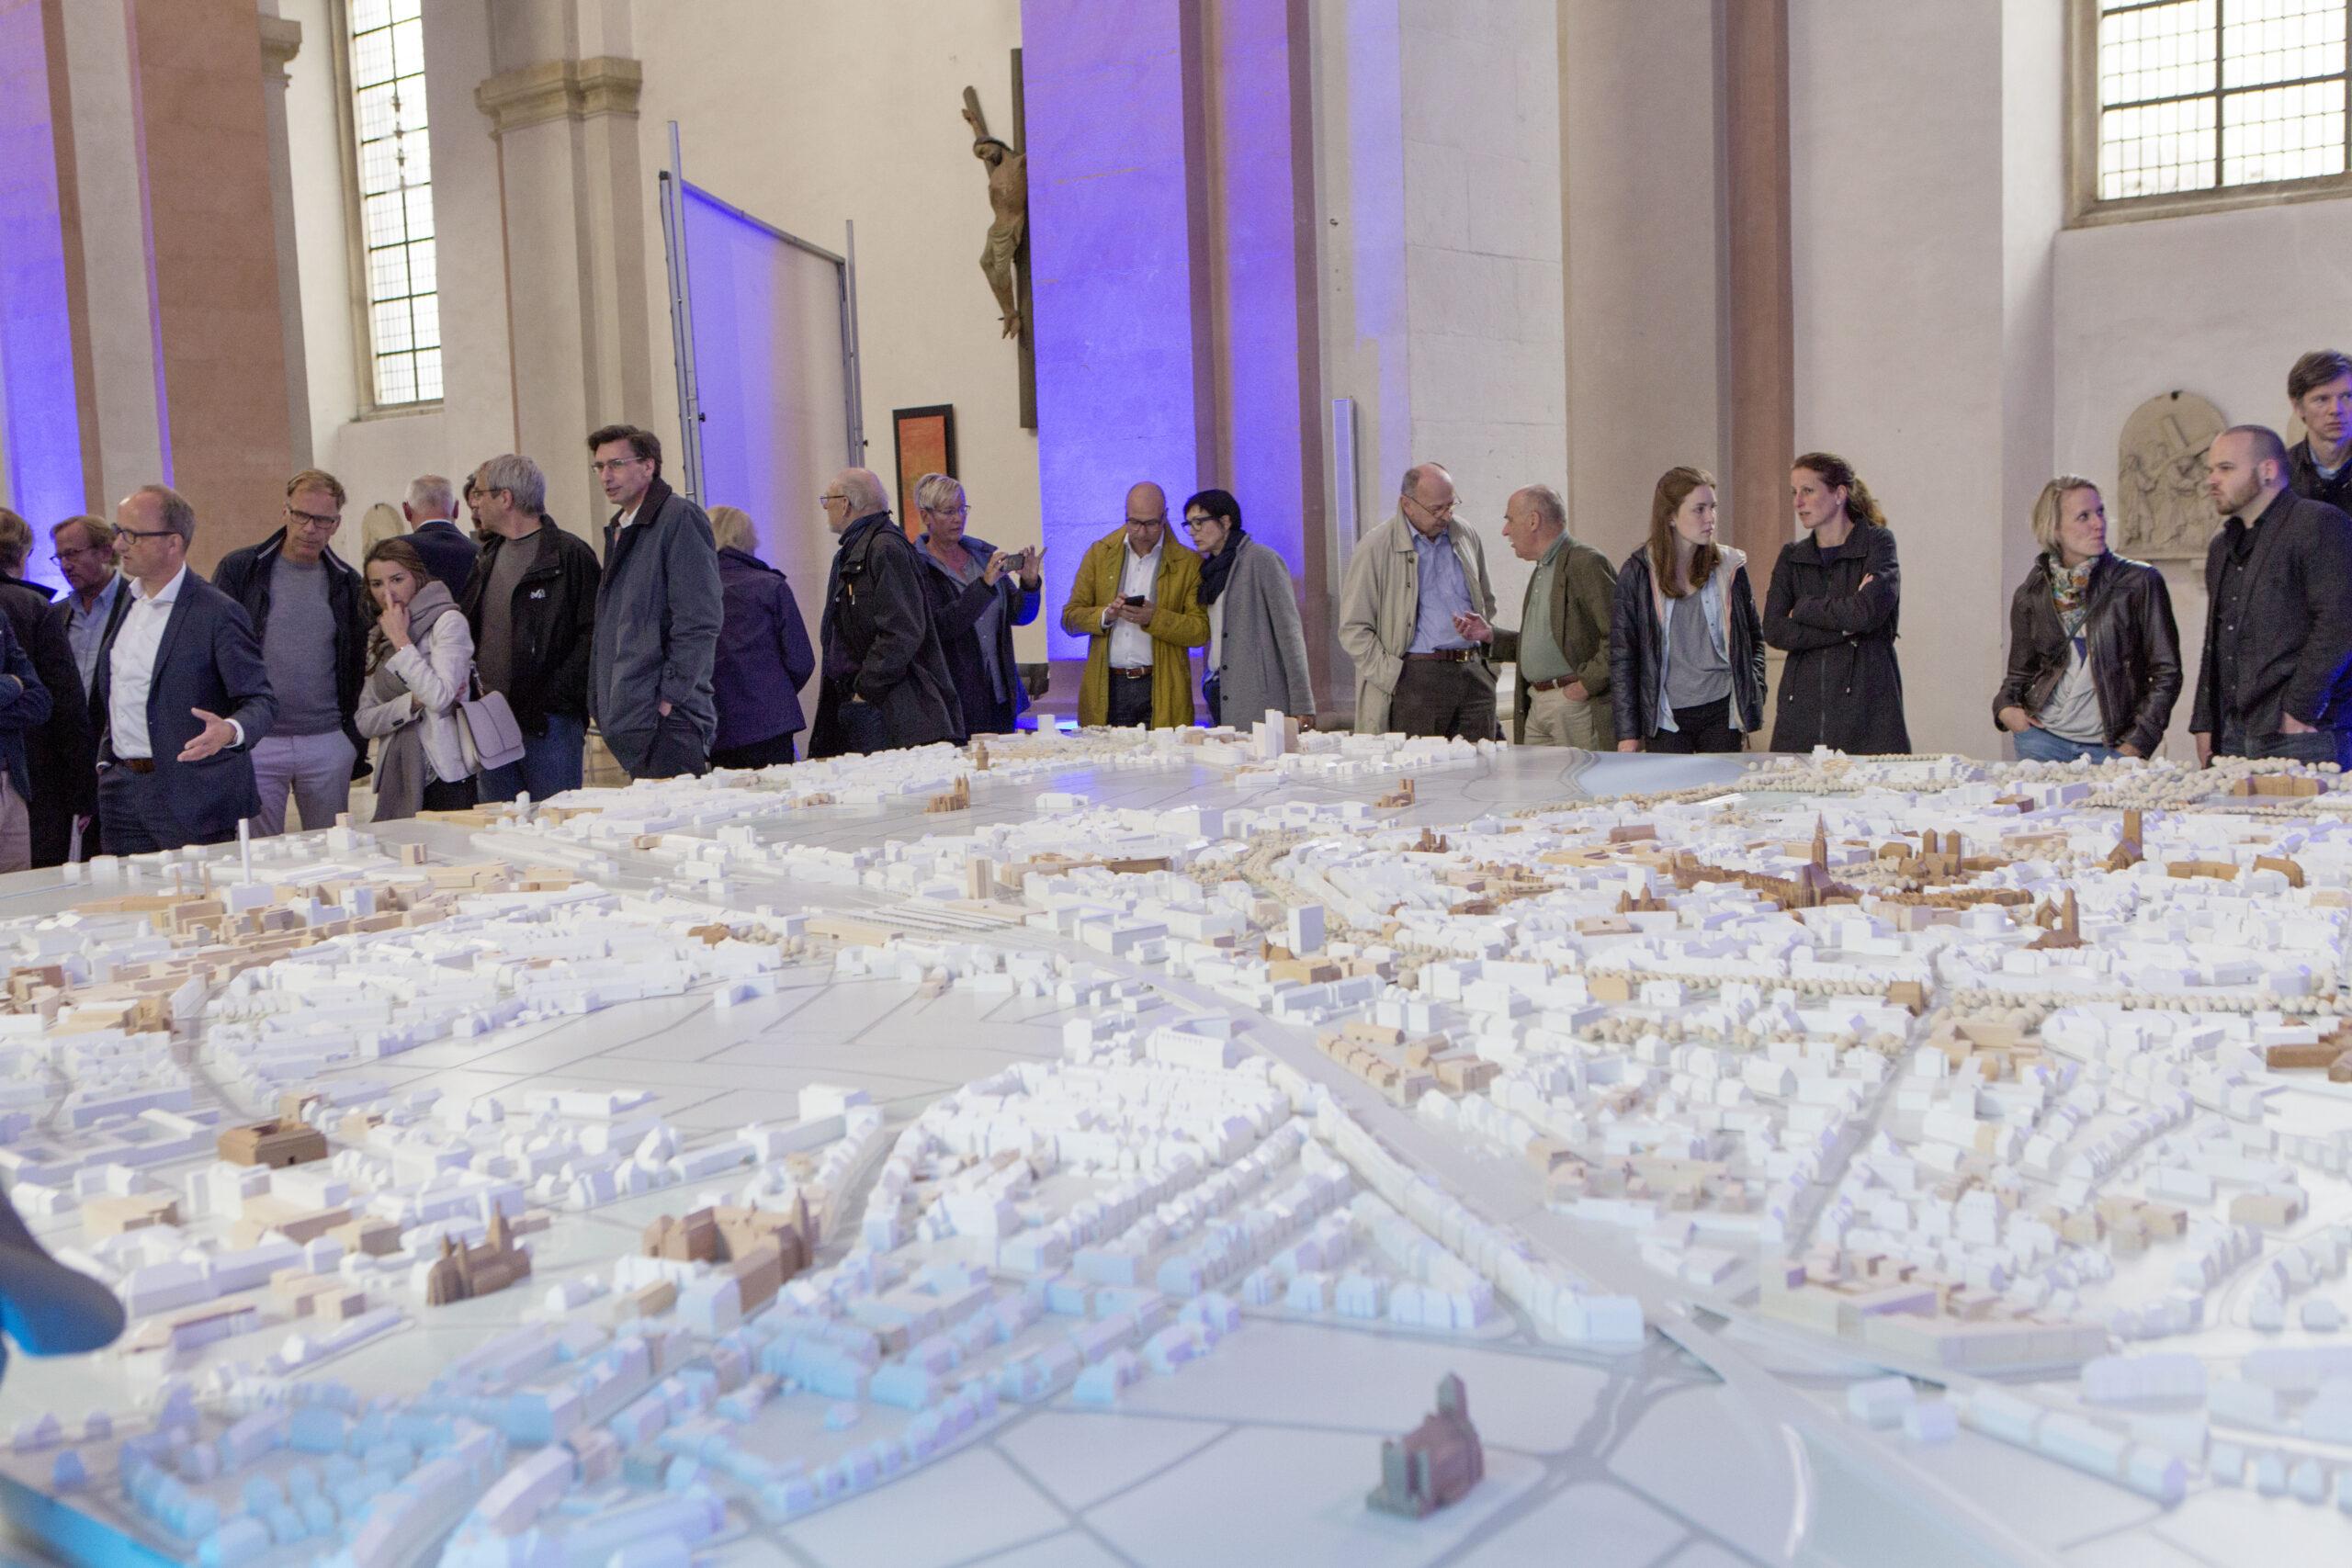 Münster Modell: Jubiläum 2016 - Dominikanerkirche Münster - Foto: Roland Borgmann